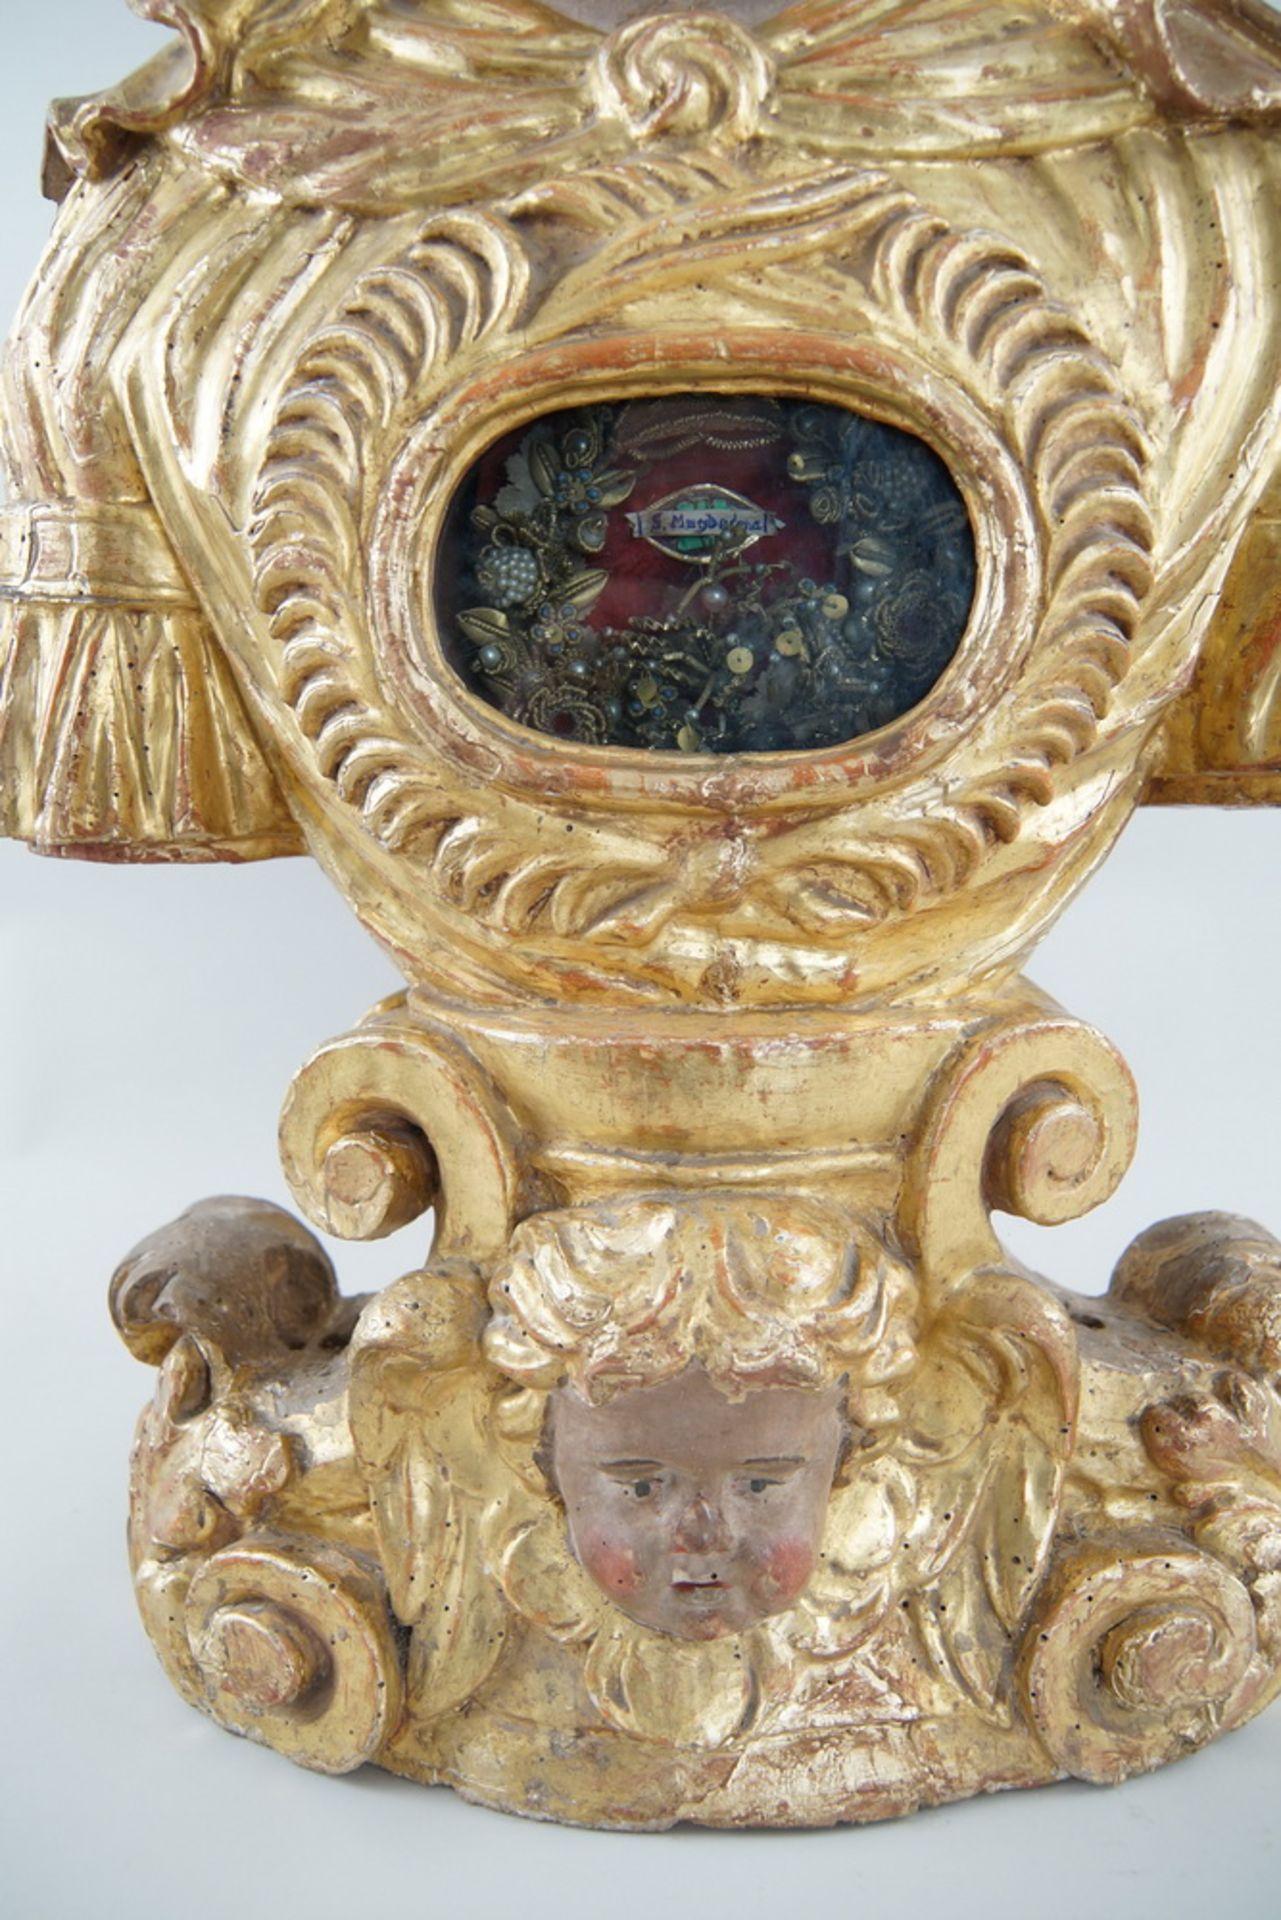 Prunkvolle Reliquienskulptur, Büste auf prächtigem Sockel, Holz geschnitzt, gefasst und - Bild 4 aus 9